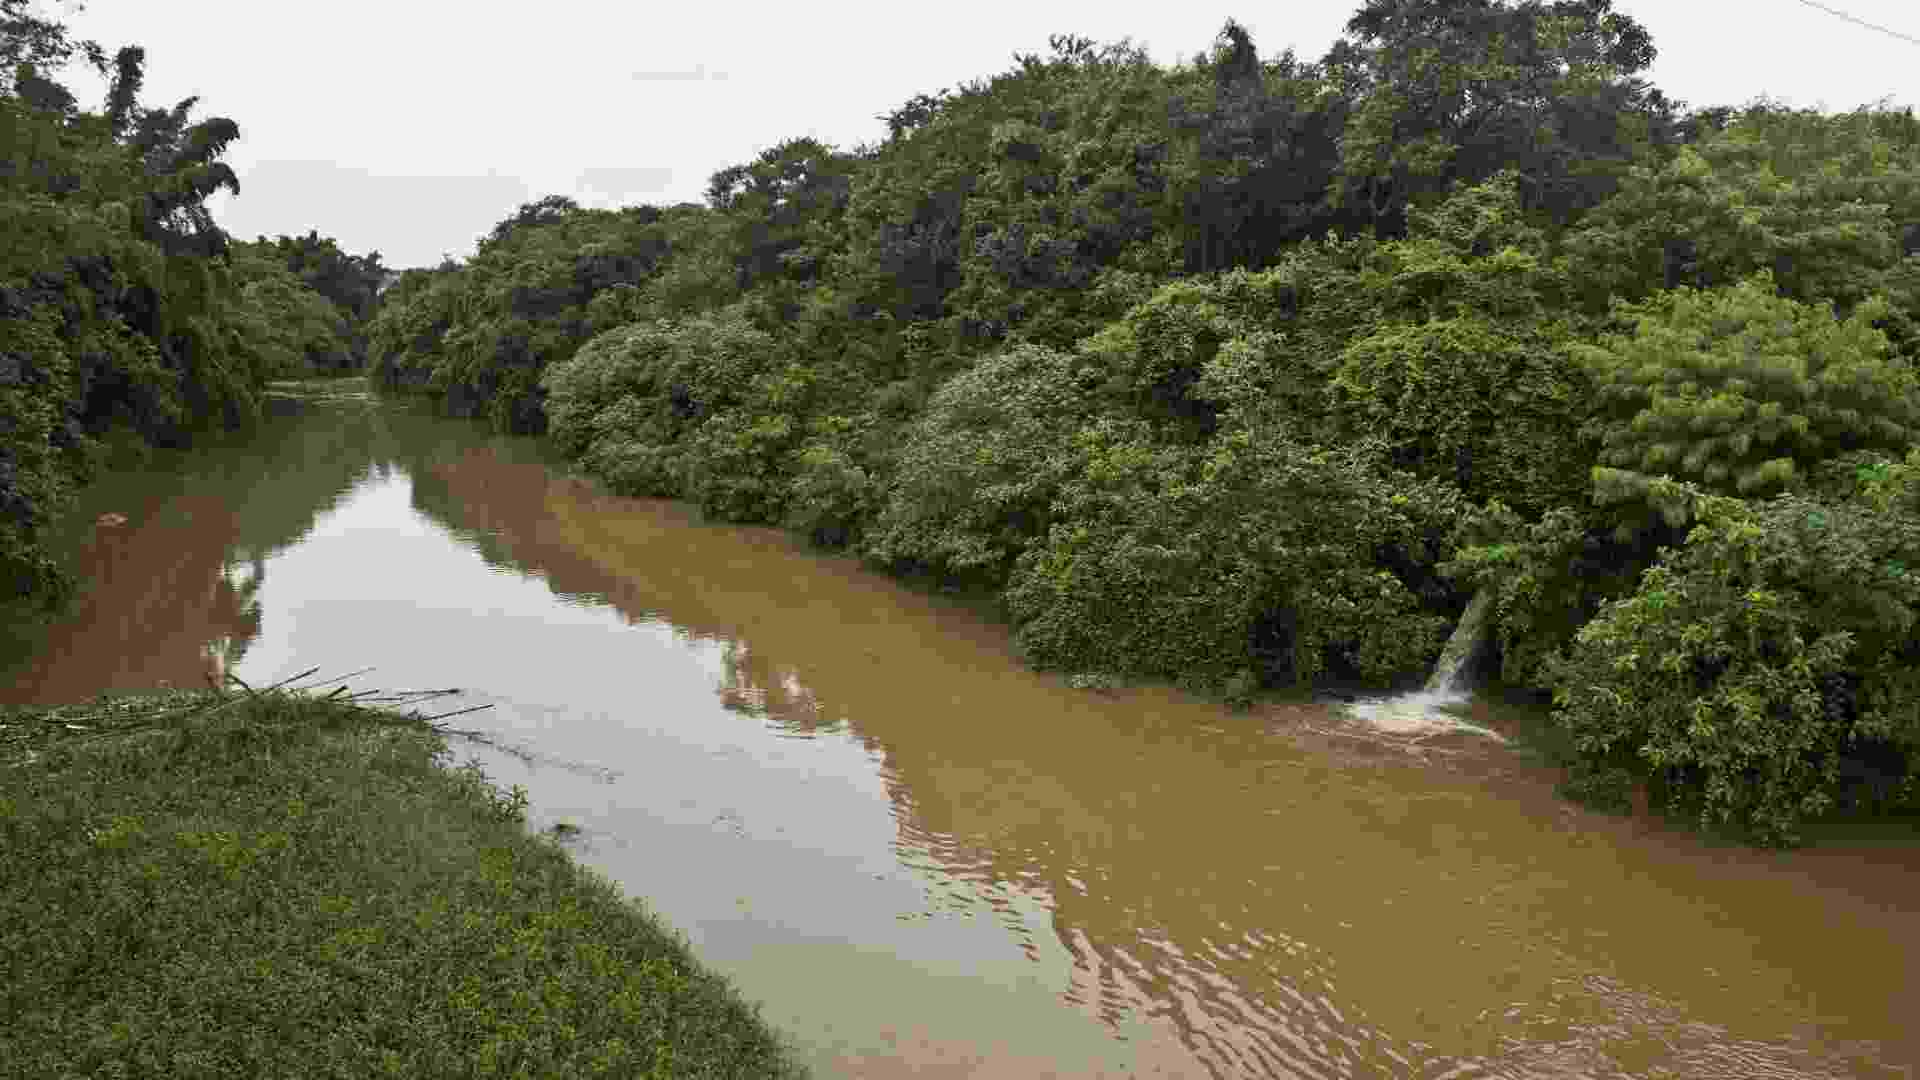 """25.mar.2013 - Vista do rio Jaguariúna, cerca de 130 quilômetros de São Paulo, que integra um programa de despoluição e que vai assegurar o abastecimento de água no Estado de São Paulo, inclusive na região metropolitana, onde cerca de 20 milhões de pessoas consomem 65 mil litros de água por segundo. O """"Projeto Bacias, que é uma parceria entre a ONG The Nature Conservancy e a cervejaria Ambev, vai pagar por """"serviços ambientais"""" dos agricultores para que preservem suas terras e recuperem a vegetação, mantendo limpa a bacia dos rios Piracicaba-Capivari-Jundiaí, que fornece água a 4,5 milhões de pessoas nos Estados de São Paulo e Minas Gerais - Nelson Almeida/AFP"""